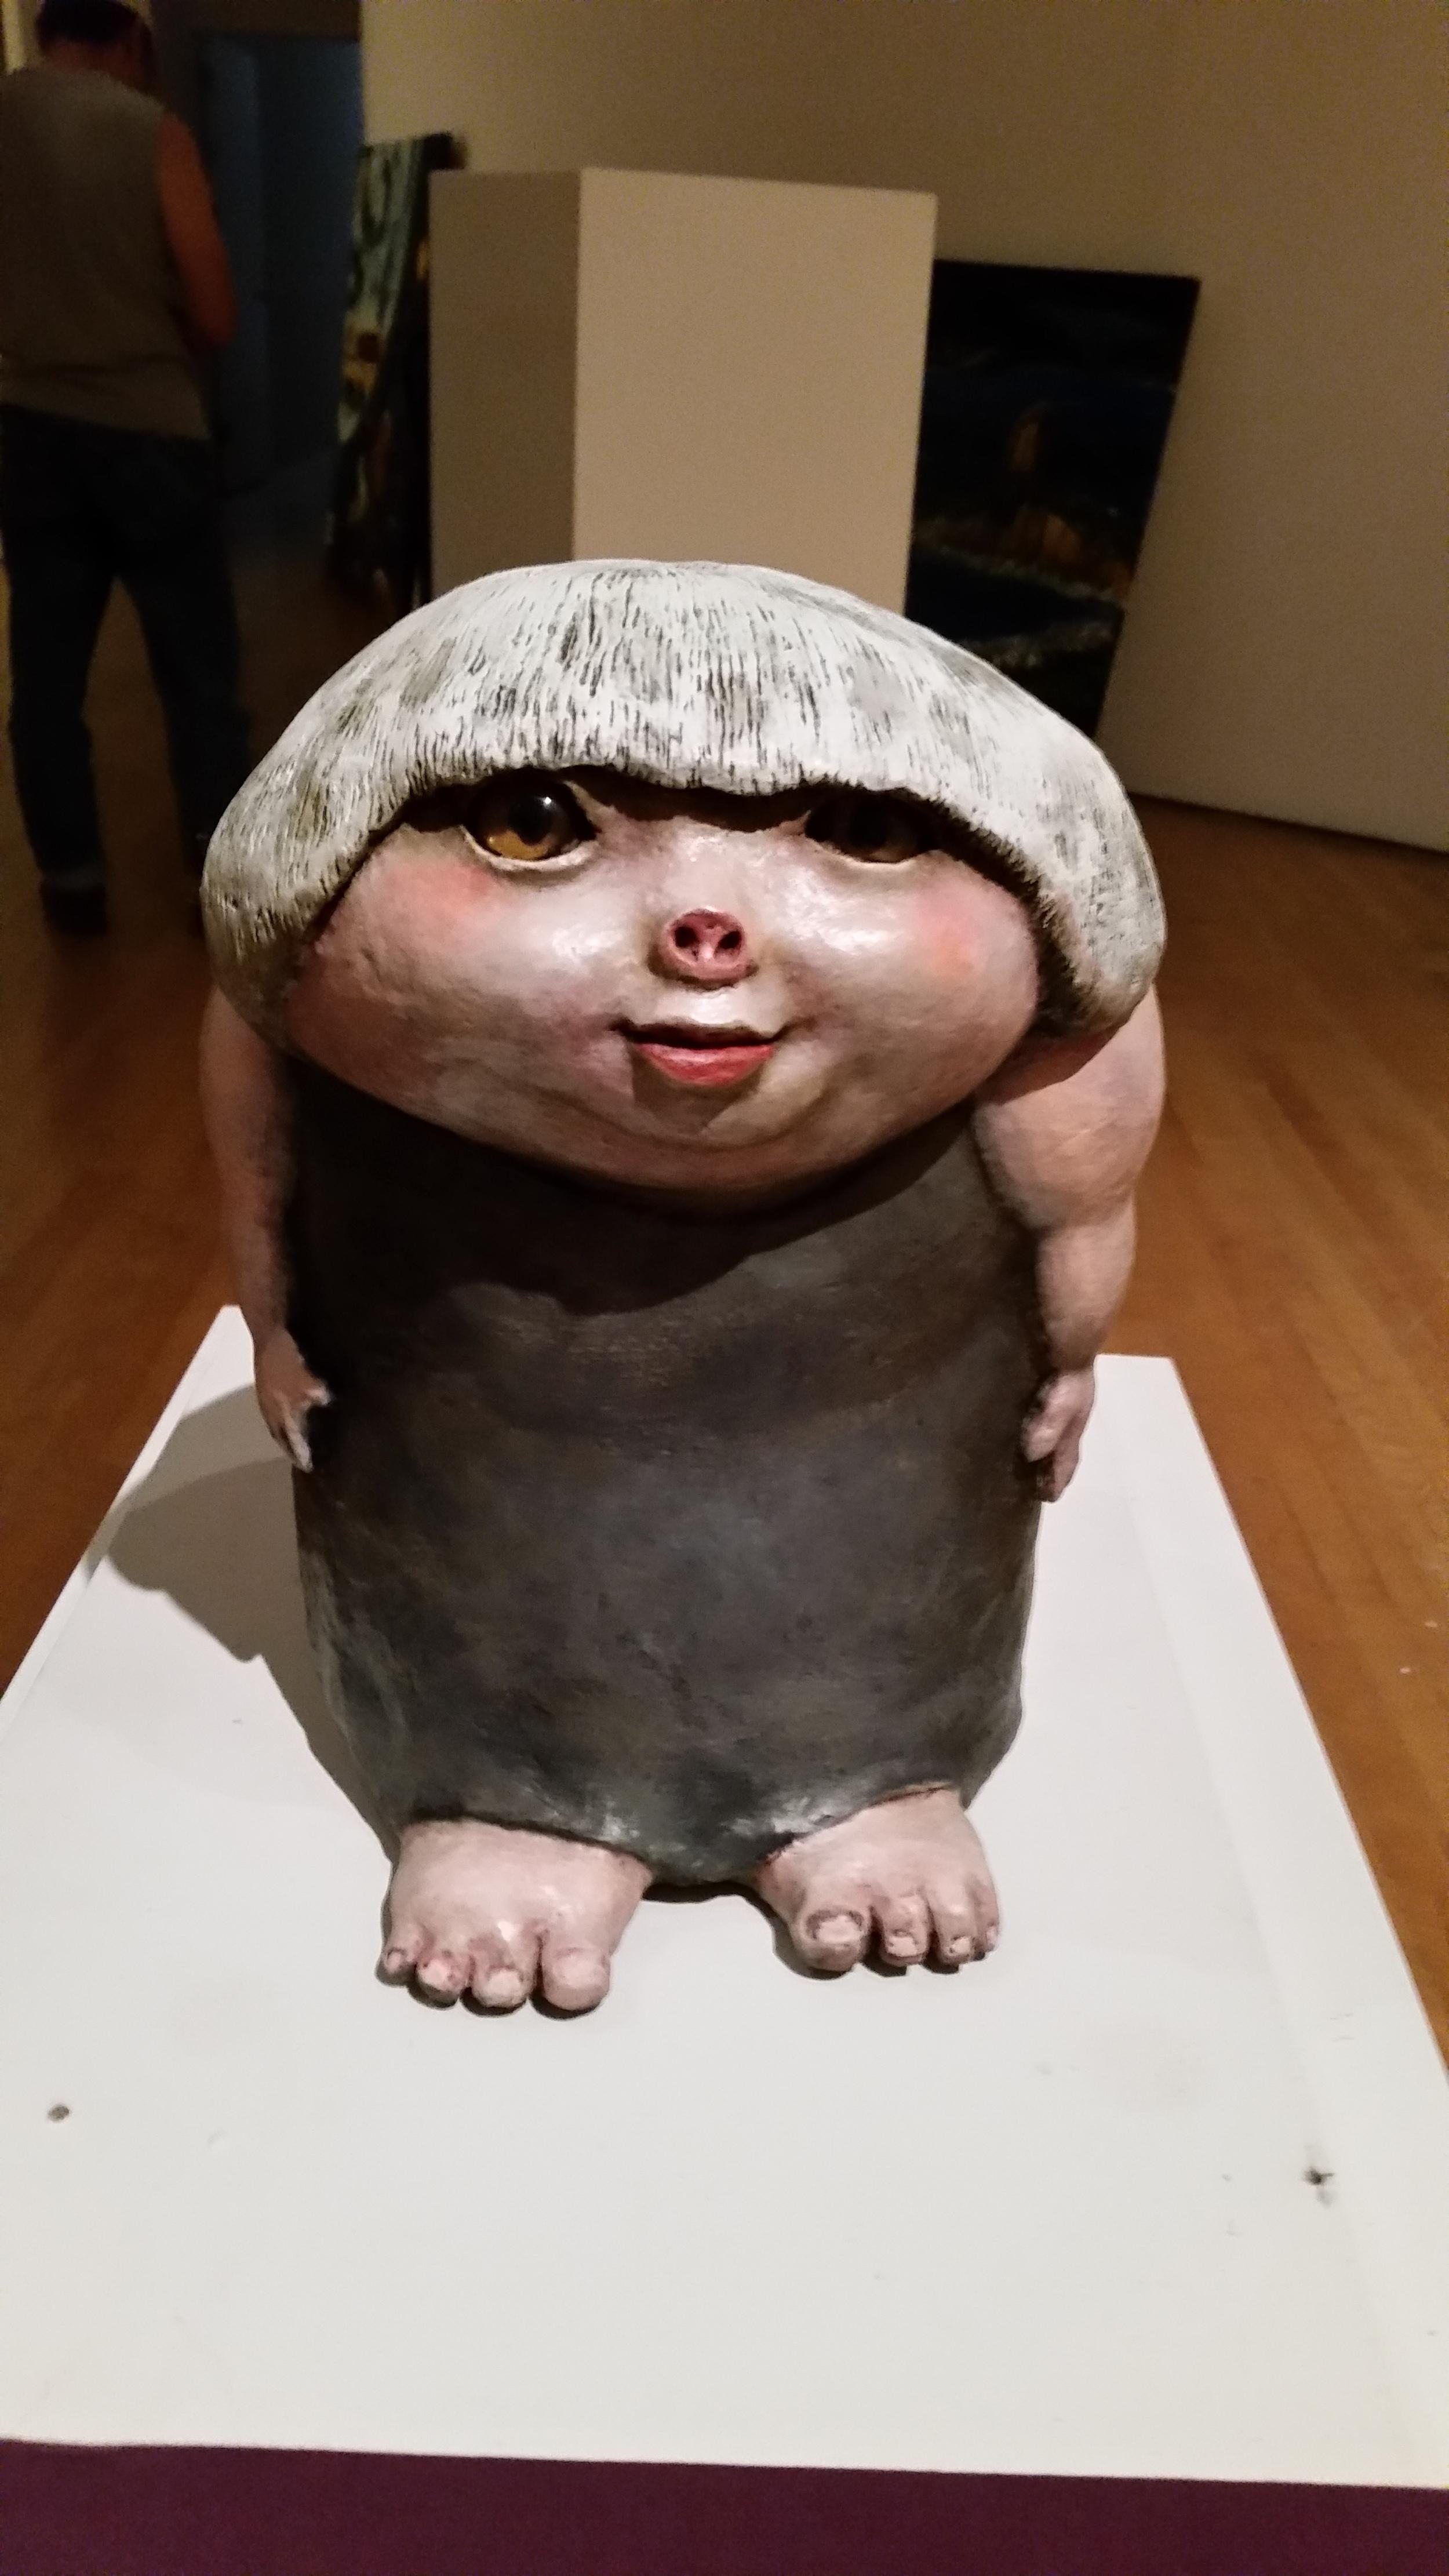 Pig With Mushroom Head